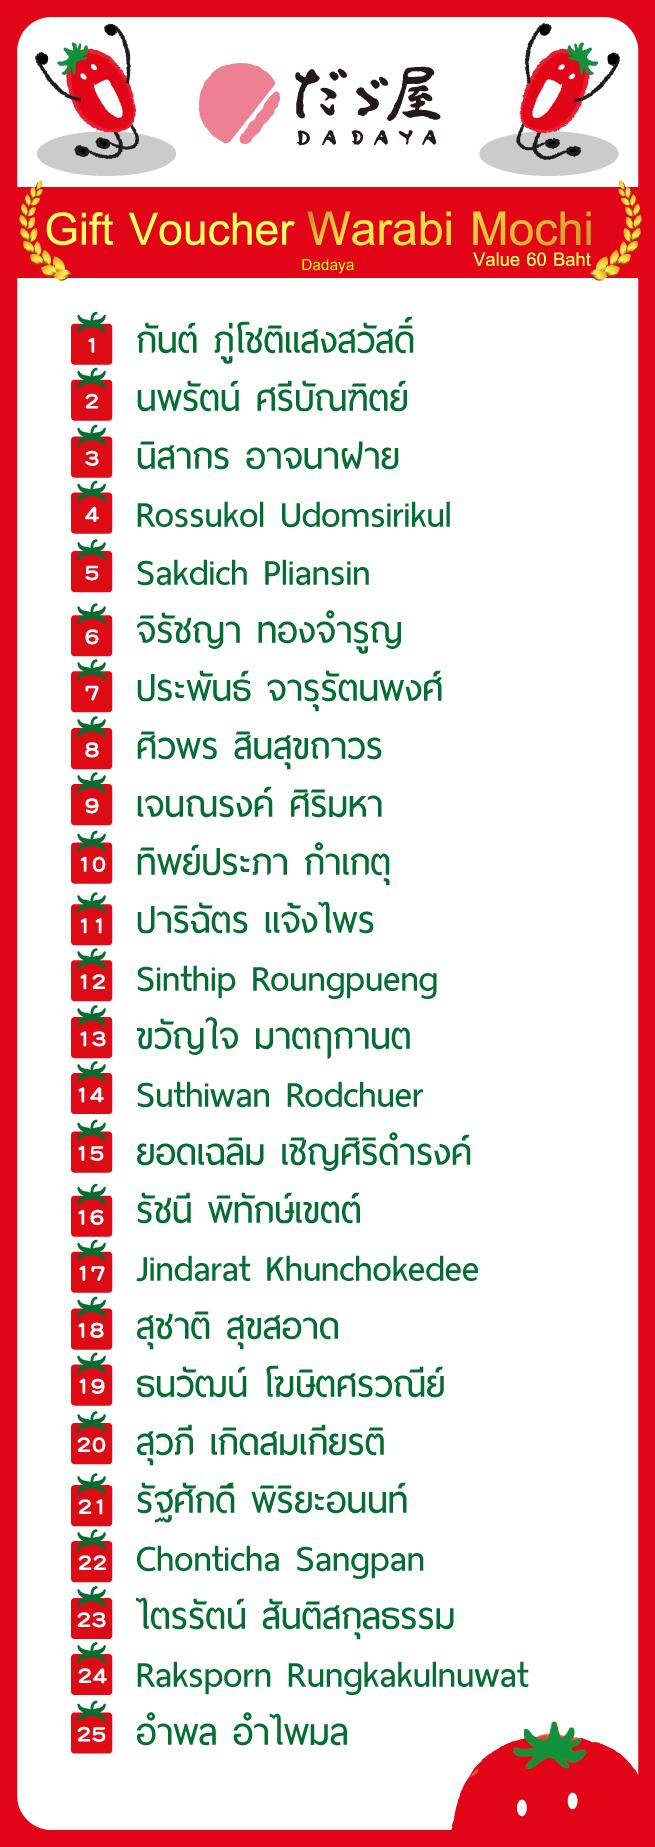 8-Dadaya